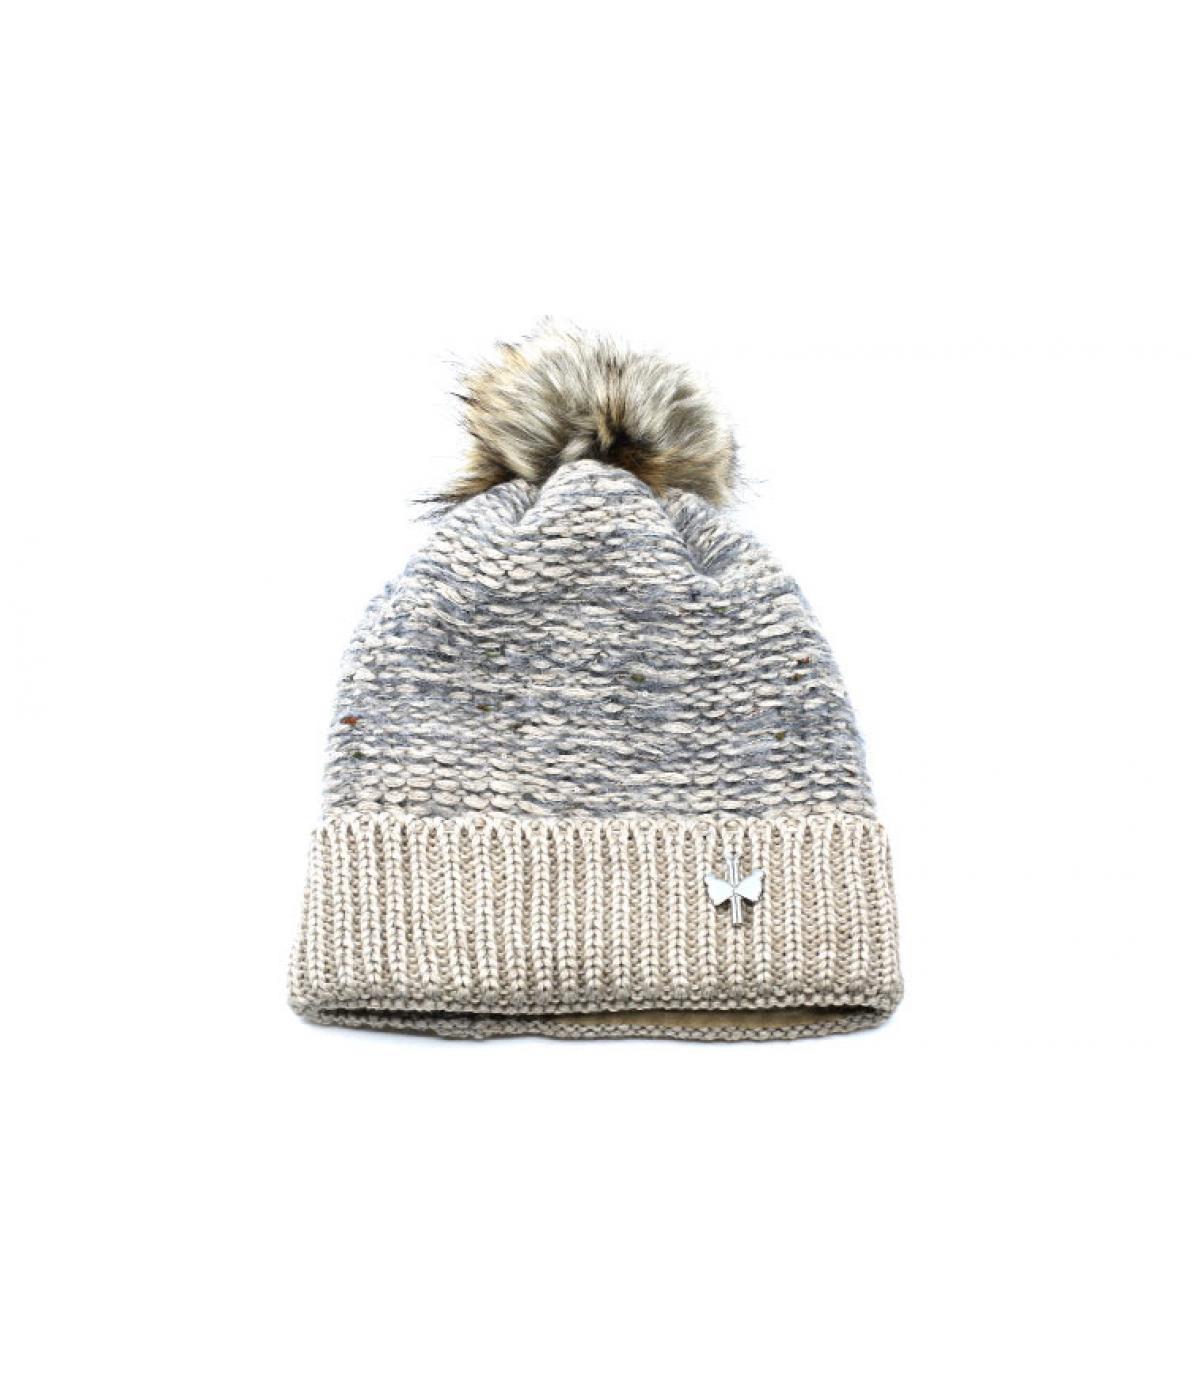 bonnet beige laine fourrure